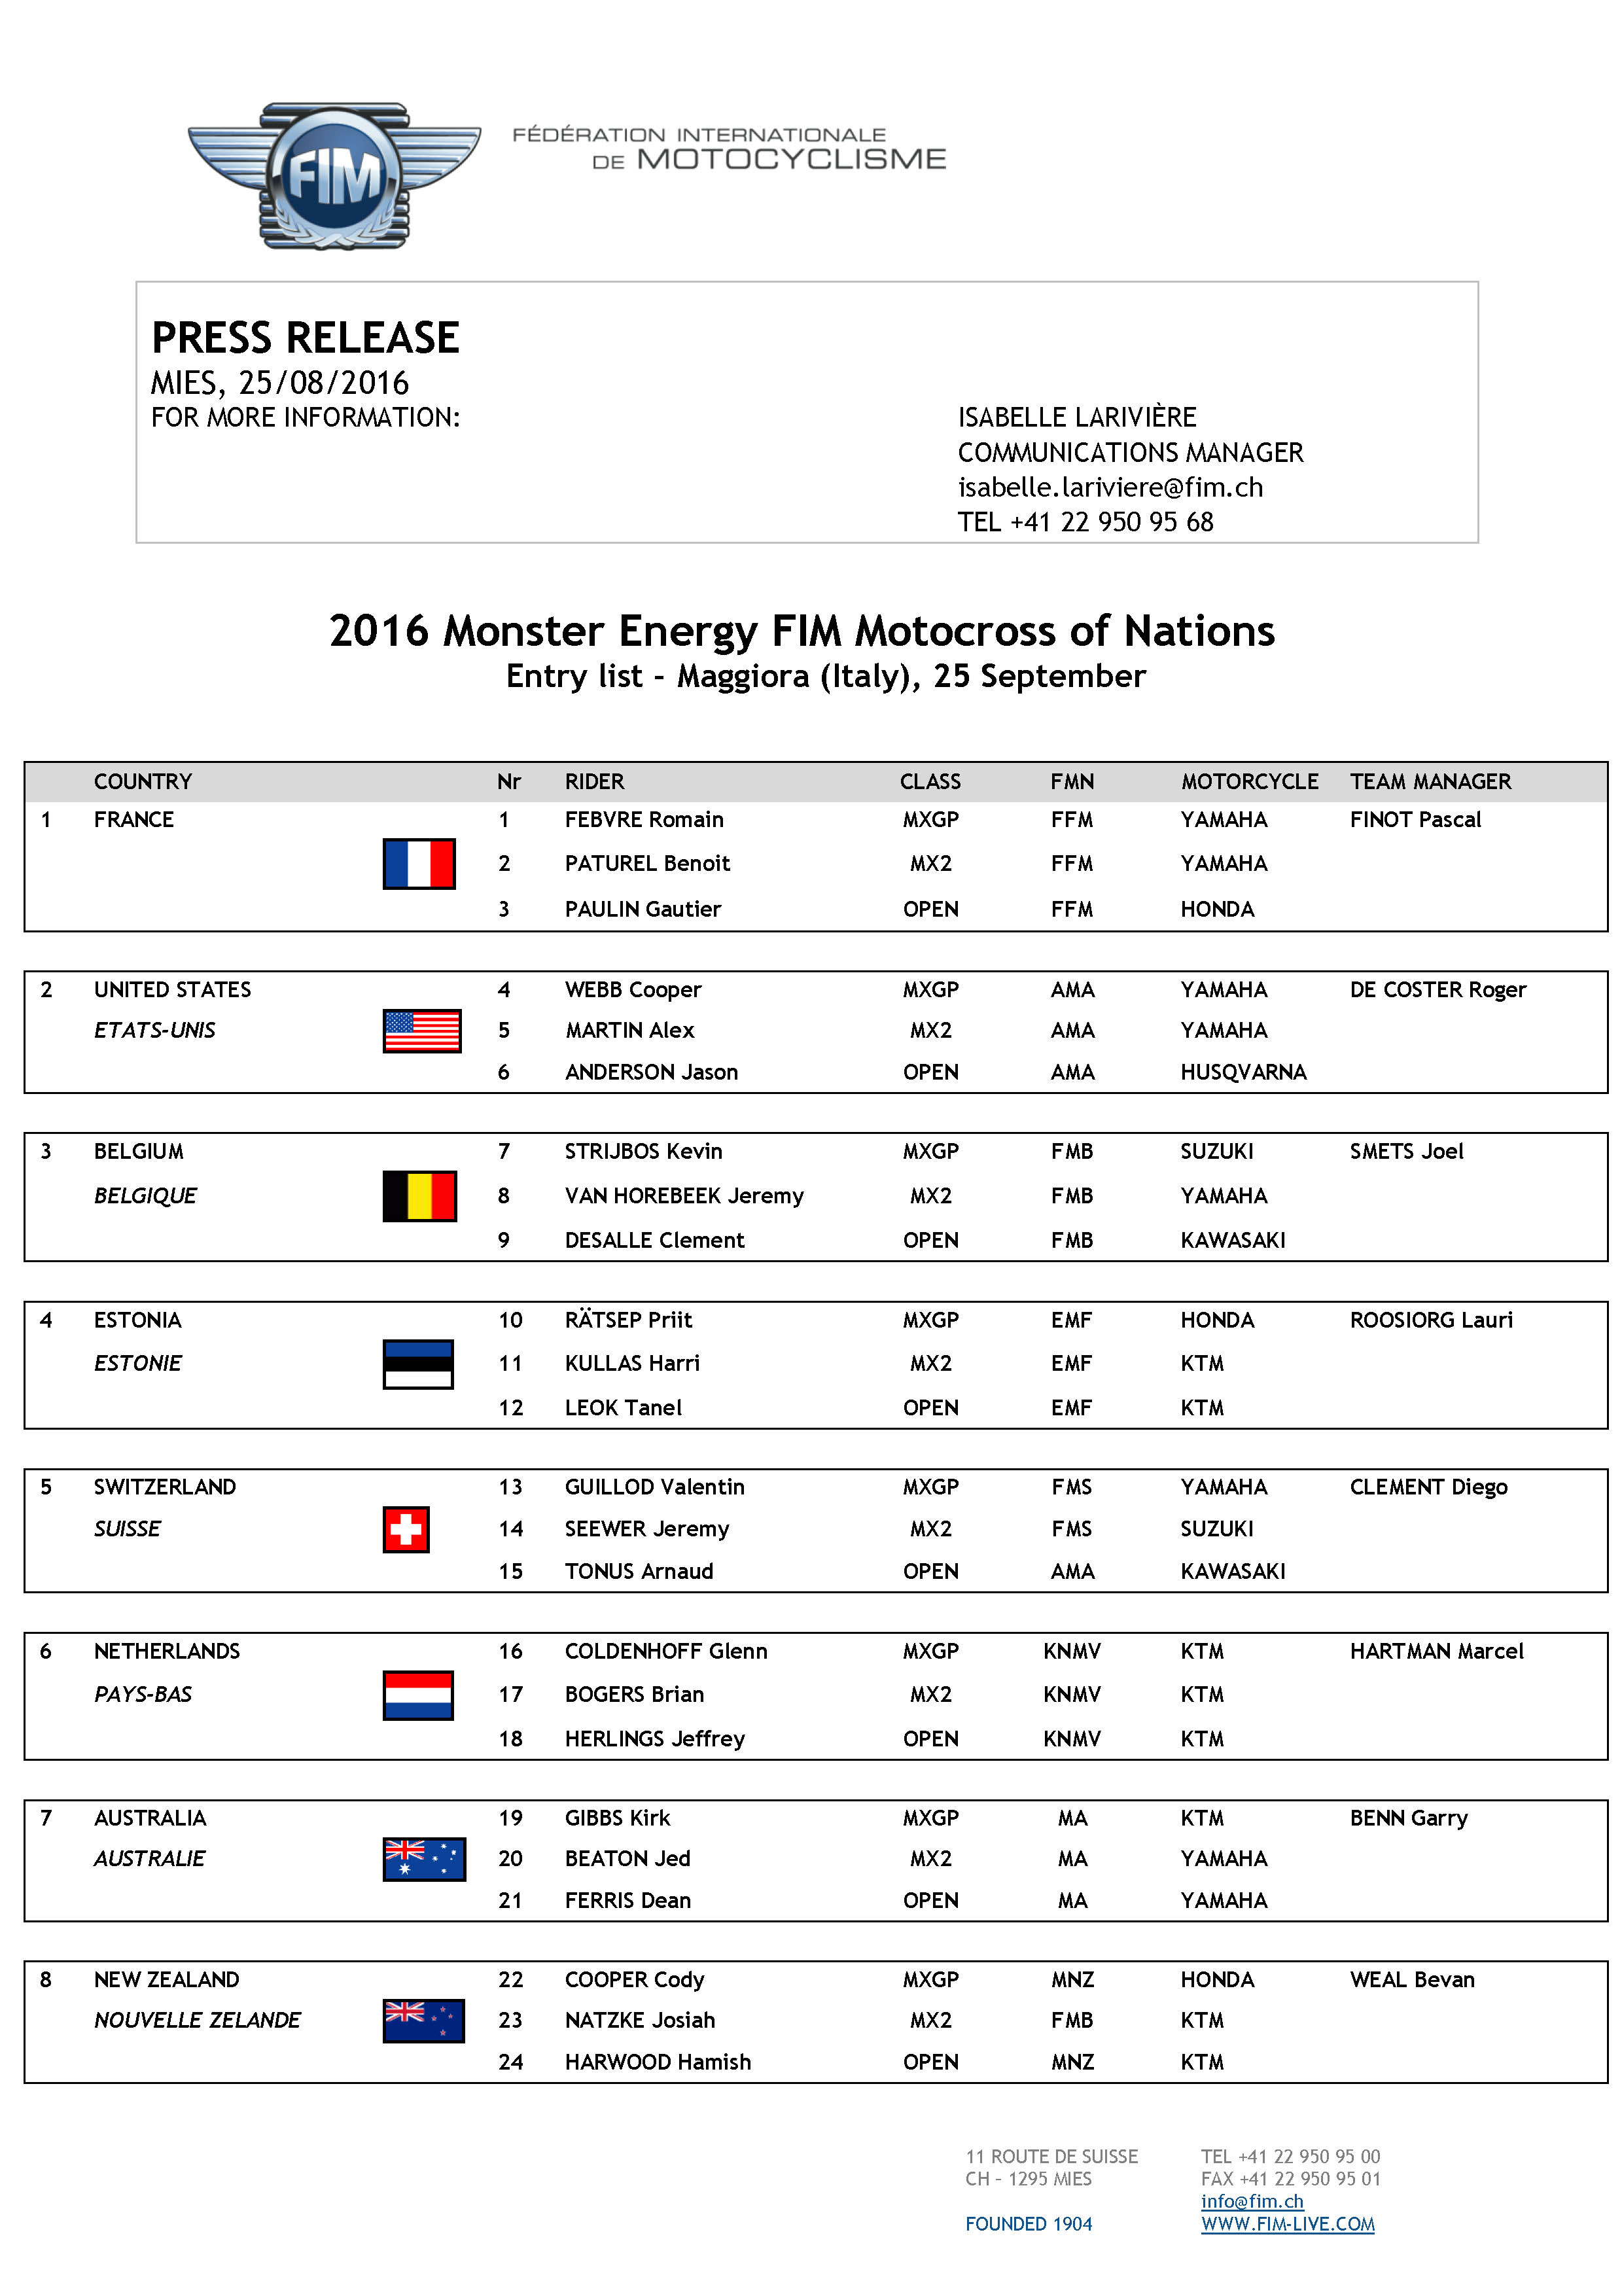 2016_FIM_Monster_Energy_Motocross_of_Nations_Entry_list_Maggiora(ITA)_25_September_Seite_1